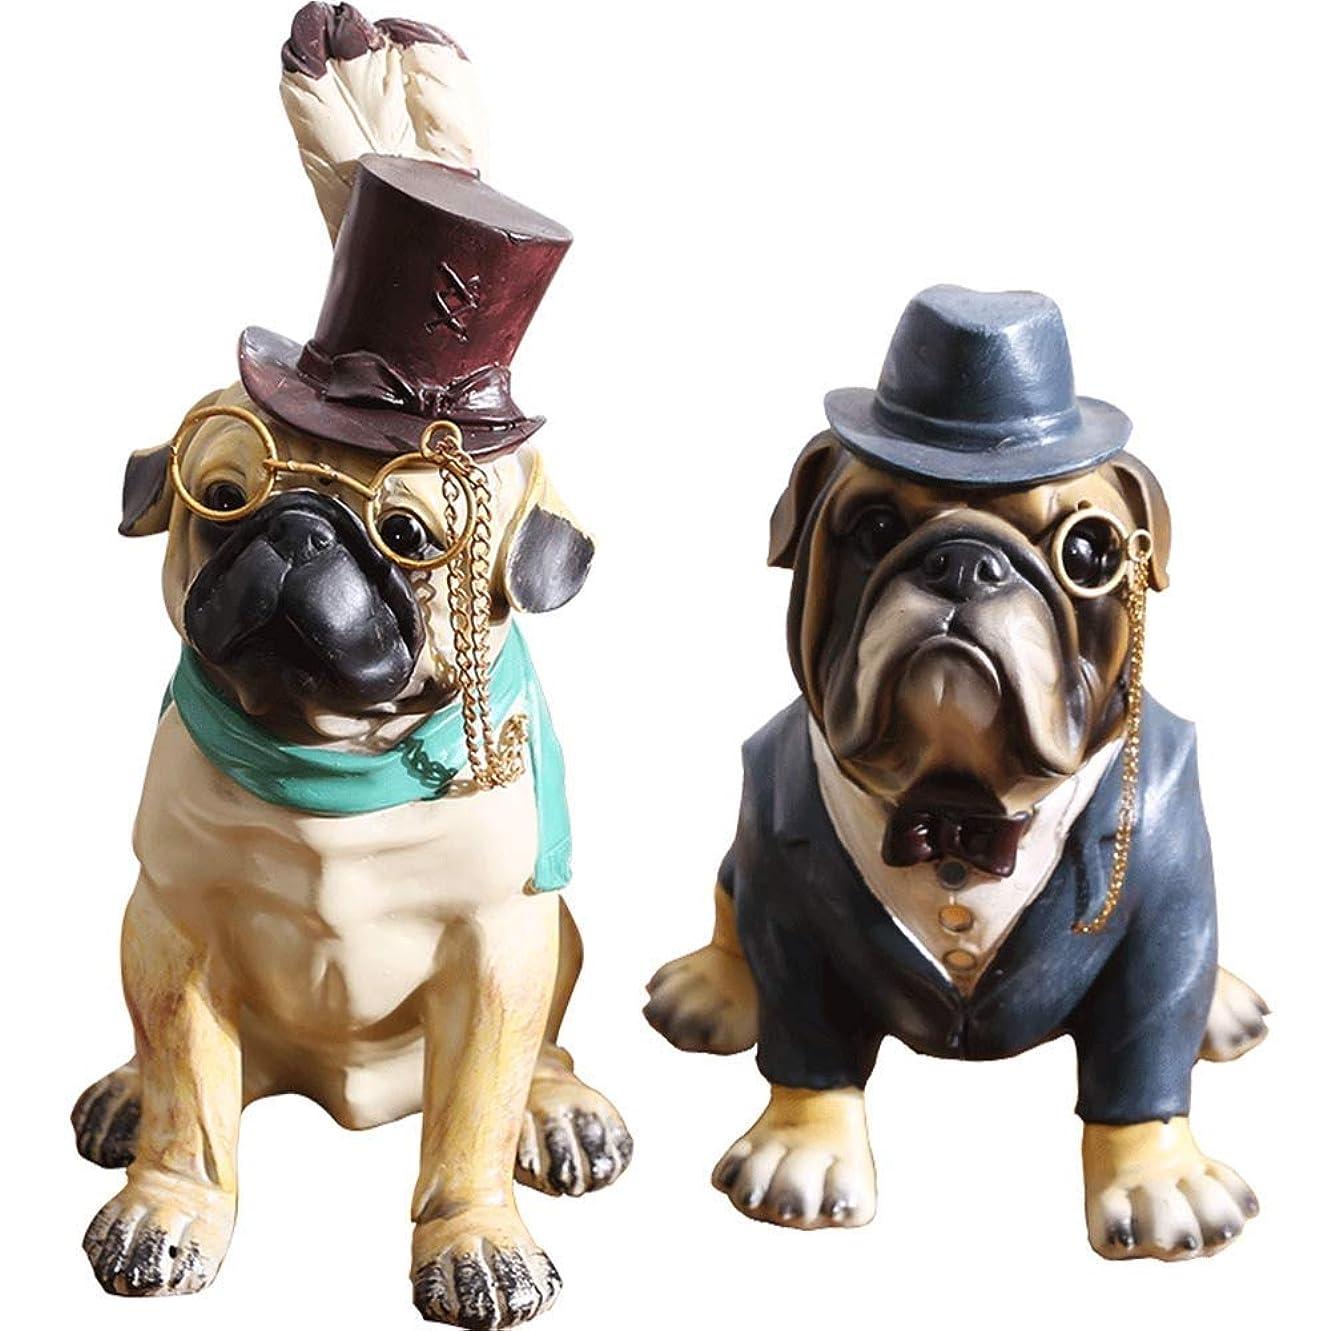 嫌悪太いクリエイティブ2ピース子犬装飾、北欧樹脂子犬装飾品クリエイティブリビングルーム犬の装飾品ワインキャビネットキャビネット犬家具工芸品